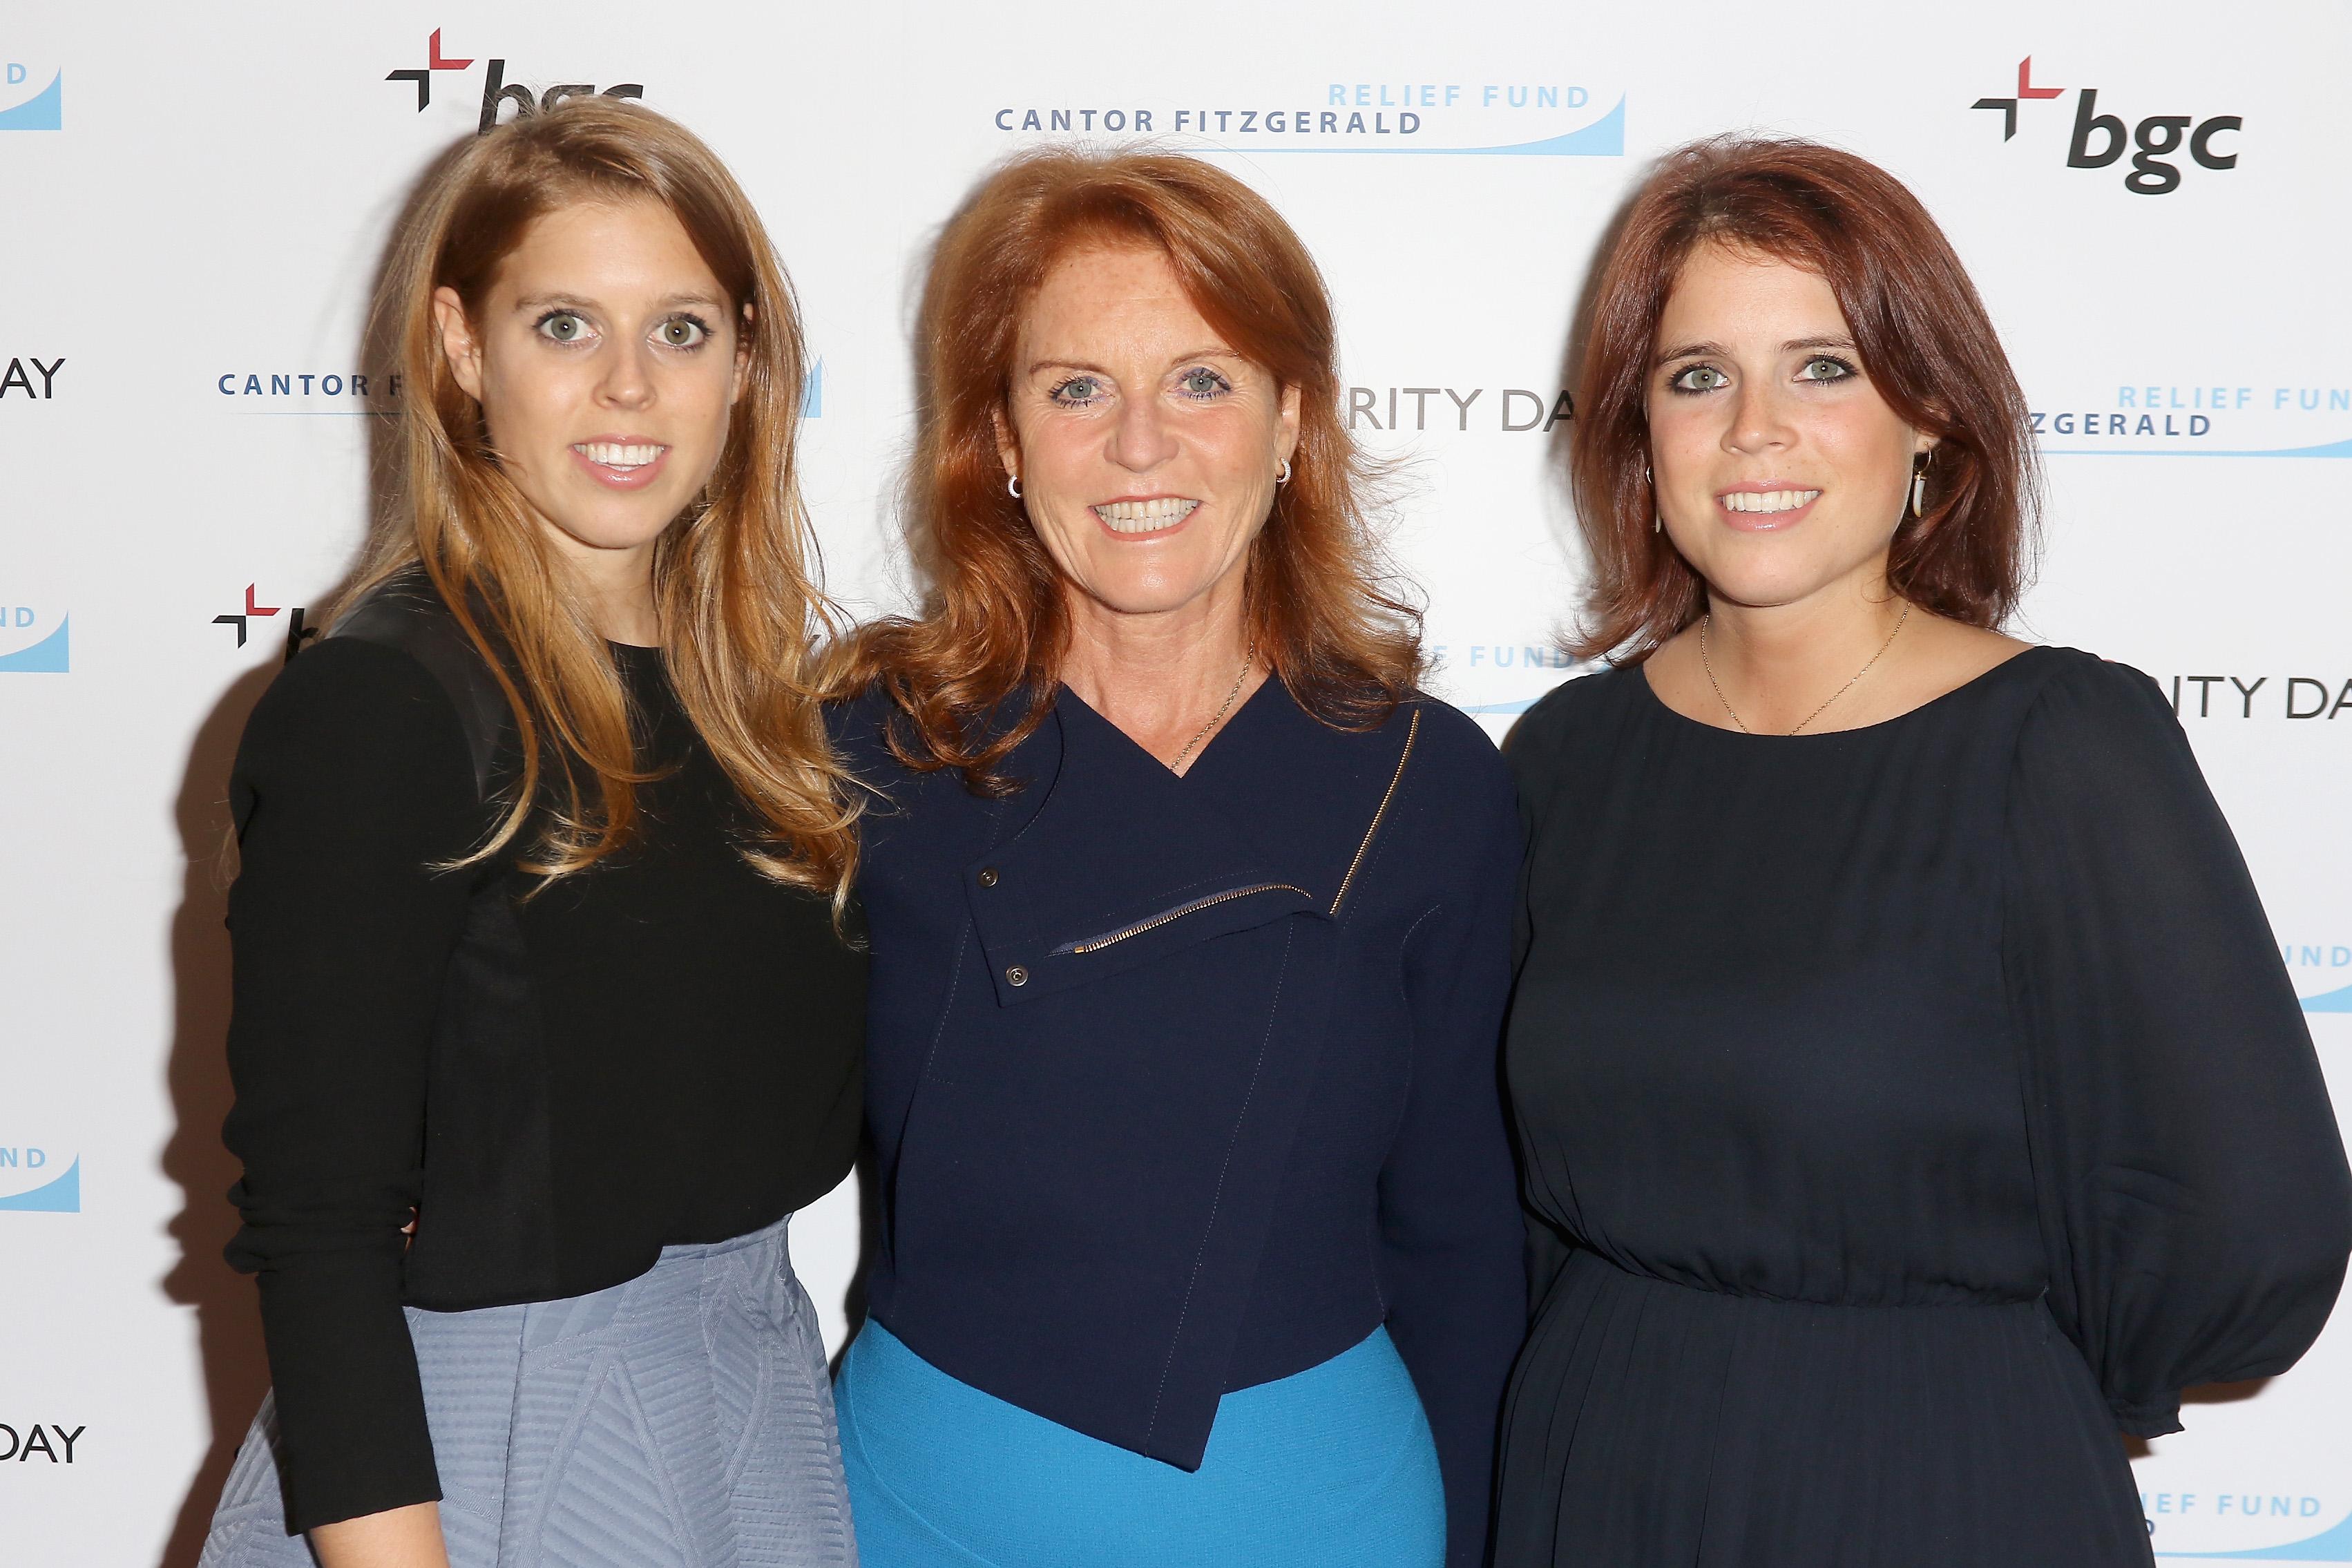 Princesa Beatrice, Sarah Ferguson e Princesa Eugenie